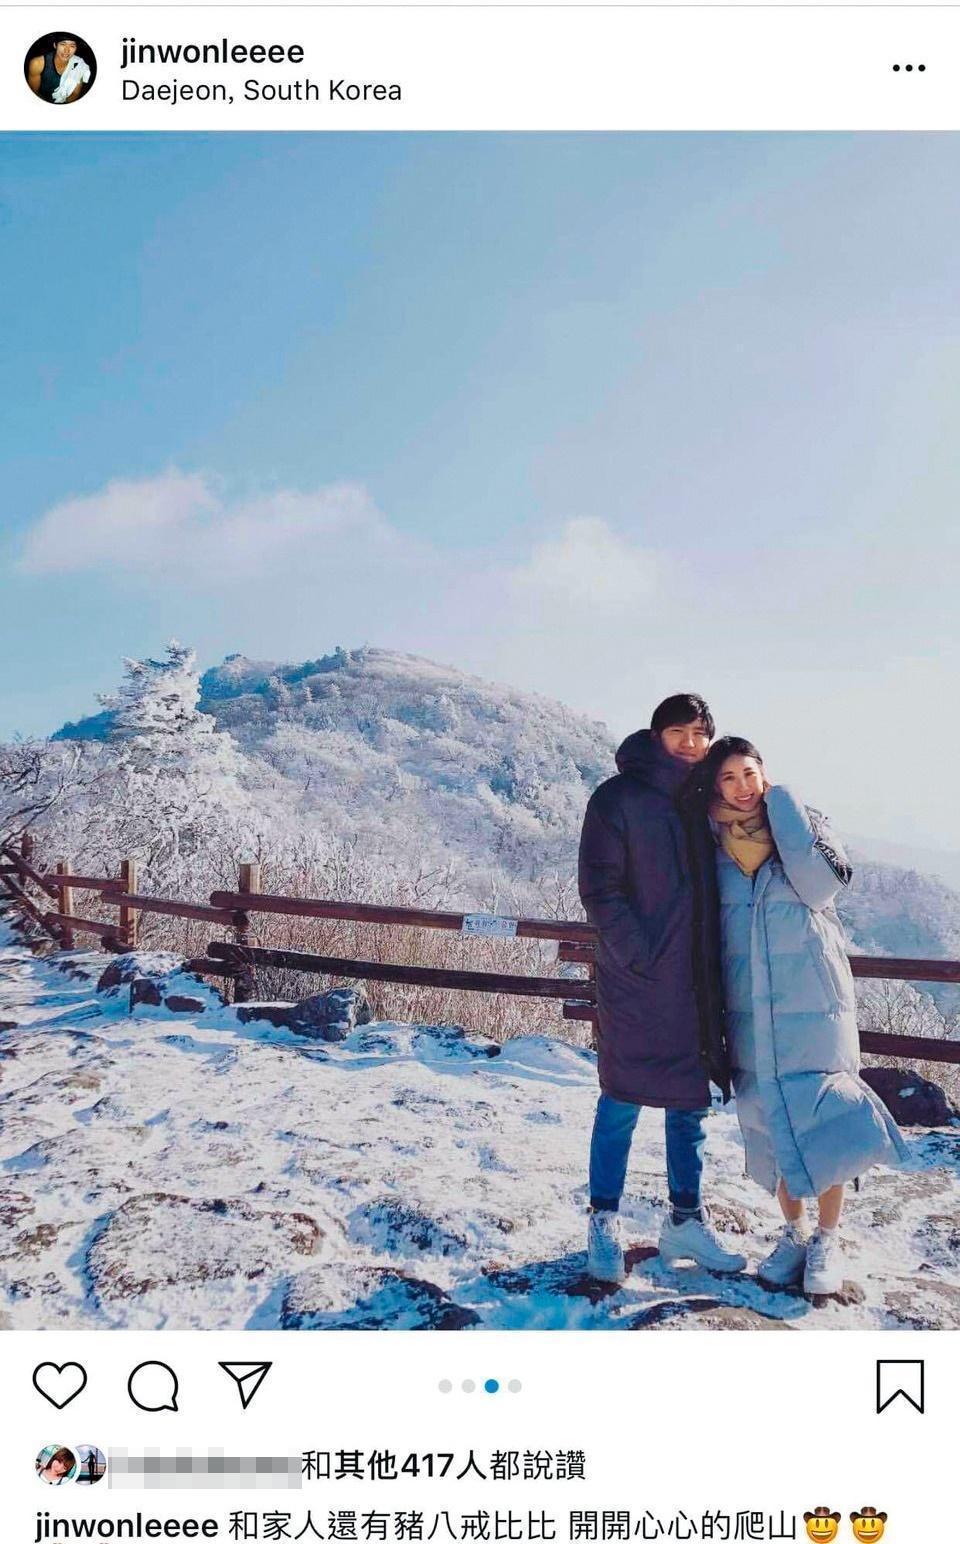 2月時瑤瑤(右)與李振遠遊首爾,李振遠摟著女友入鏡,毫不避諱戀情見光死。